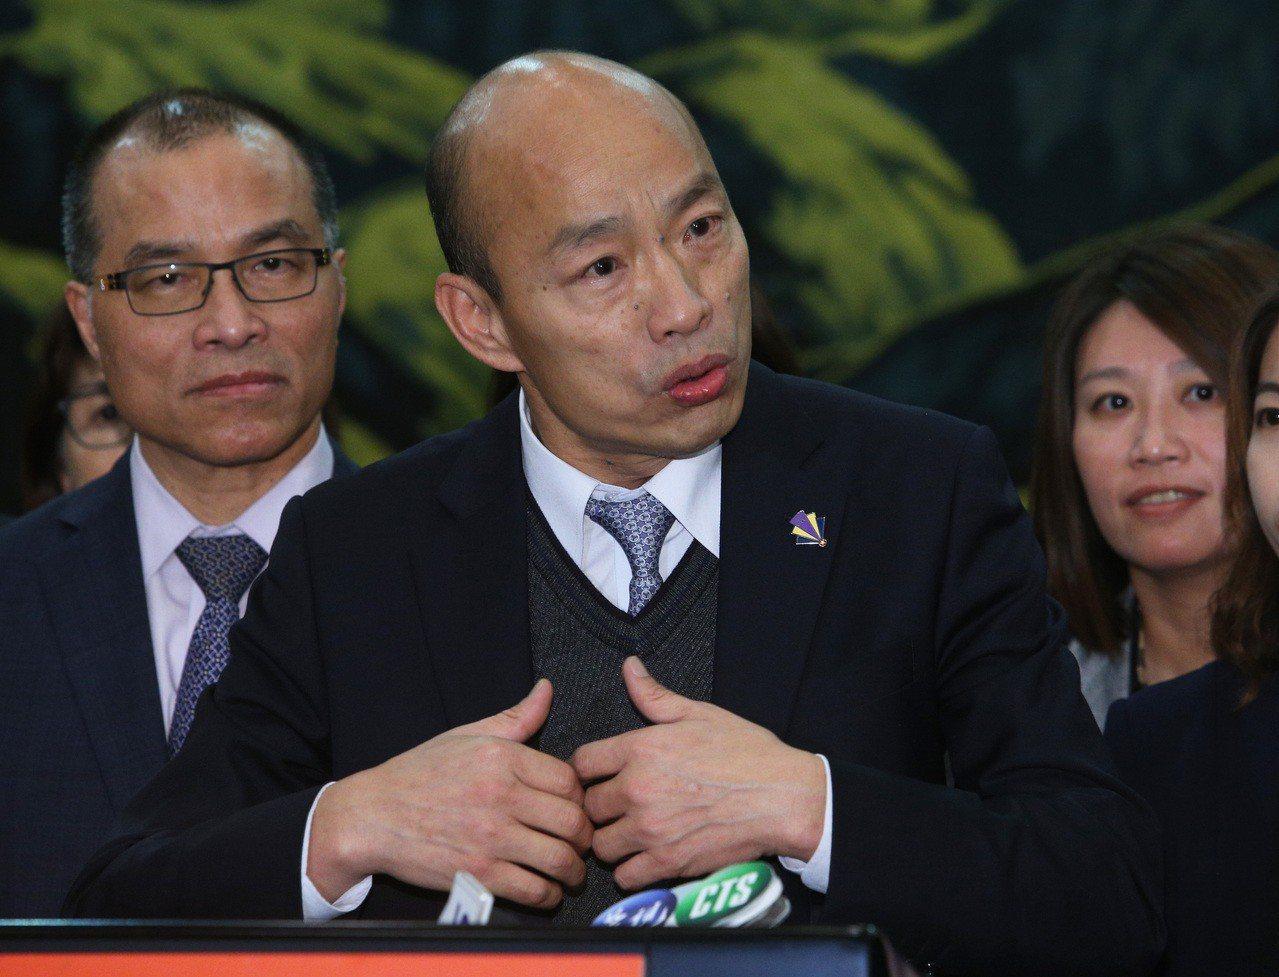 高雄市長韓國瑜選不選總統,藍綠基層高度關注。本報資料照片